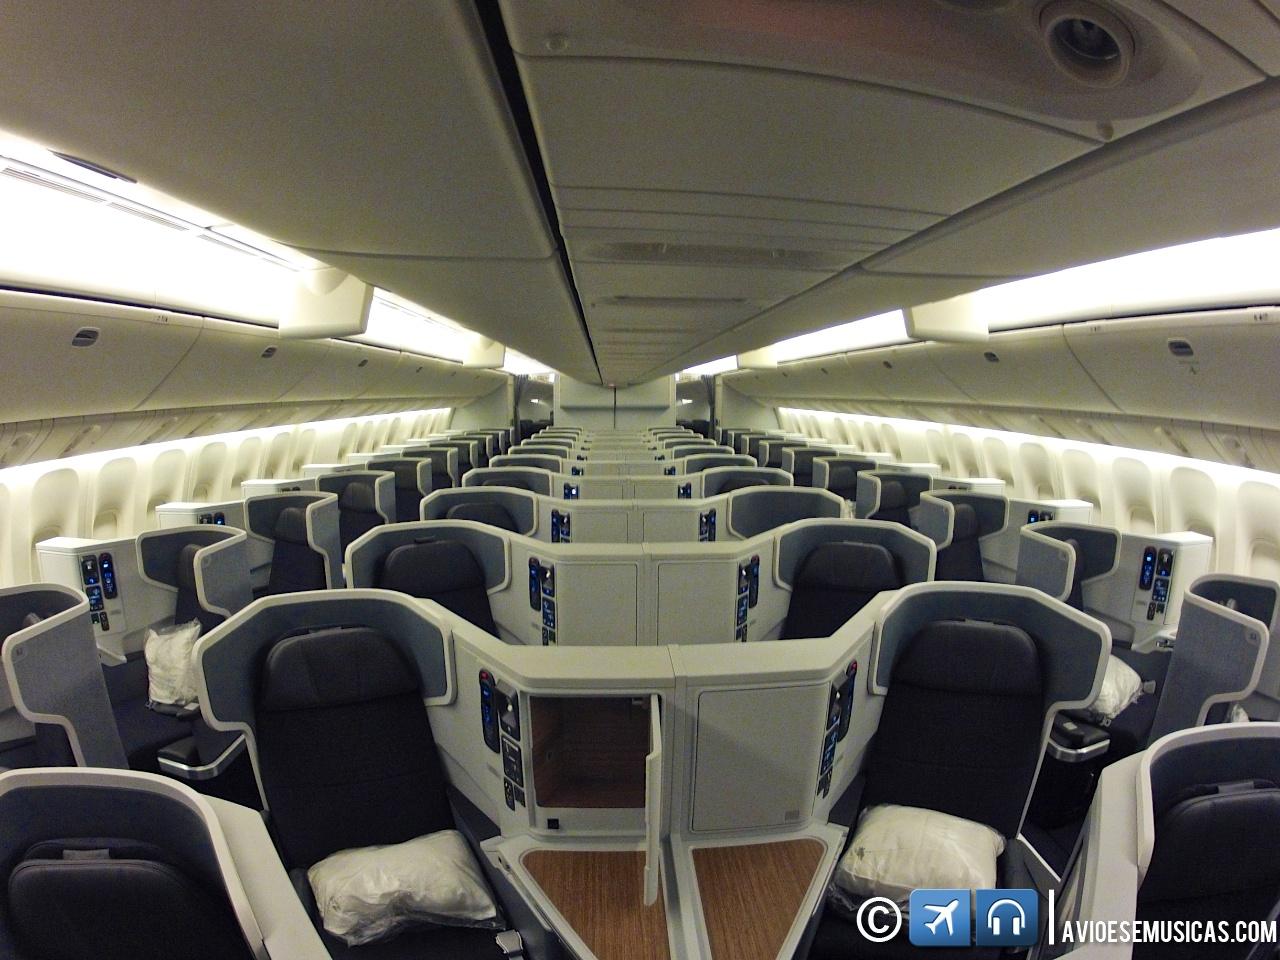 novo Boeing 777 300ER da American Airlines de pertinho : Aviões e  #41607E 1280x960 Banheiro Avião Tam